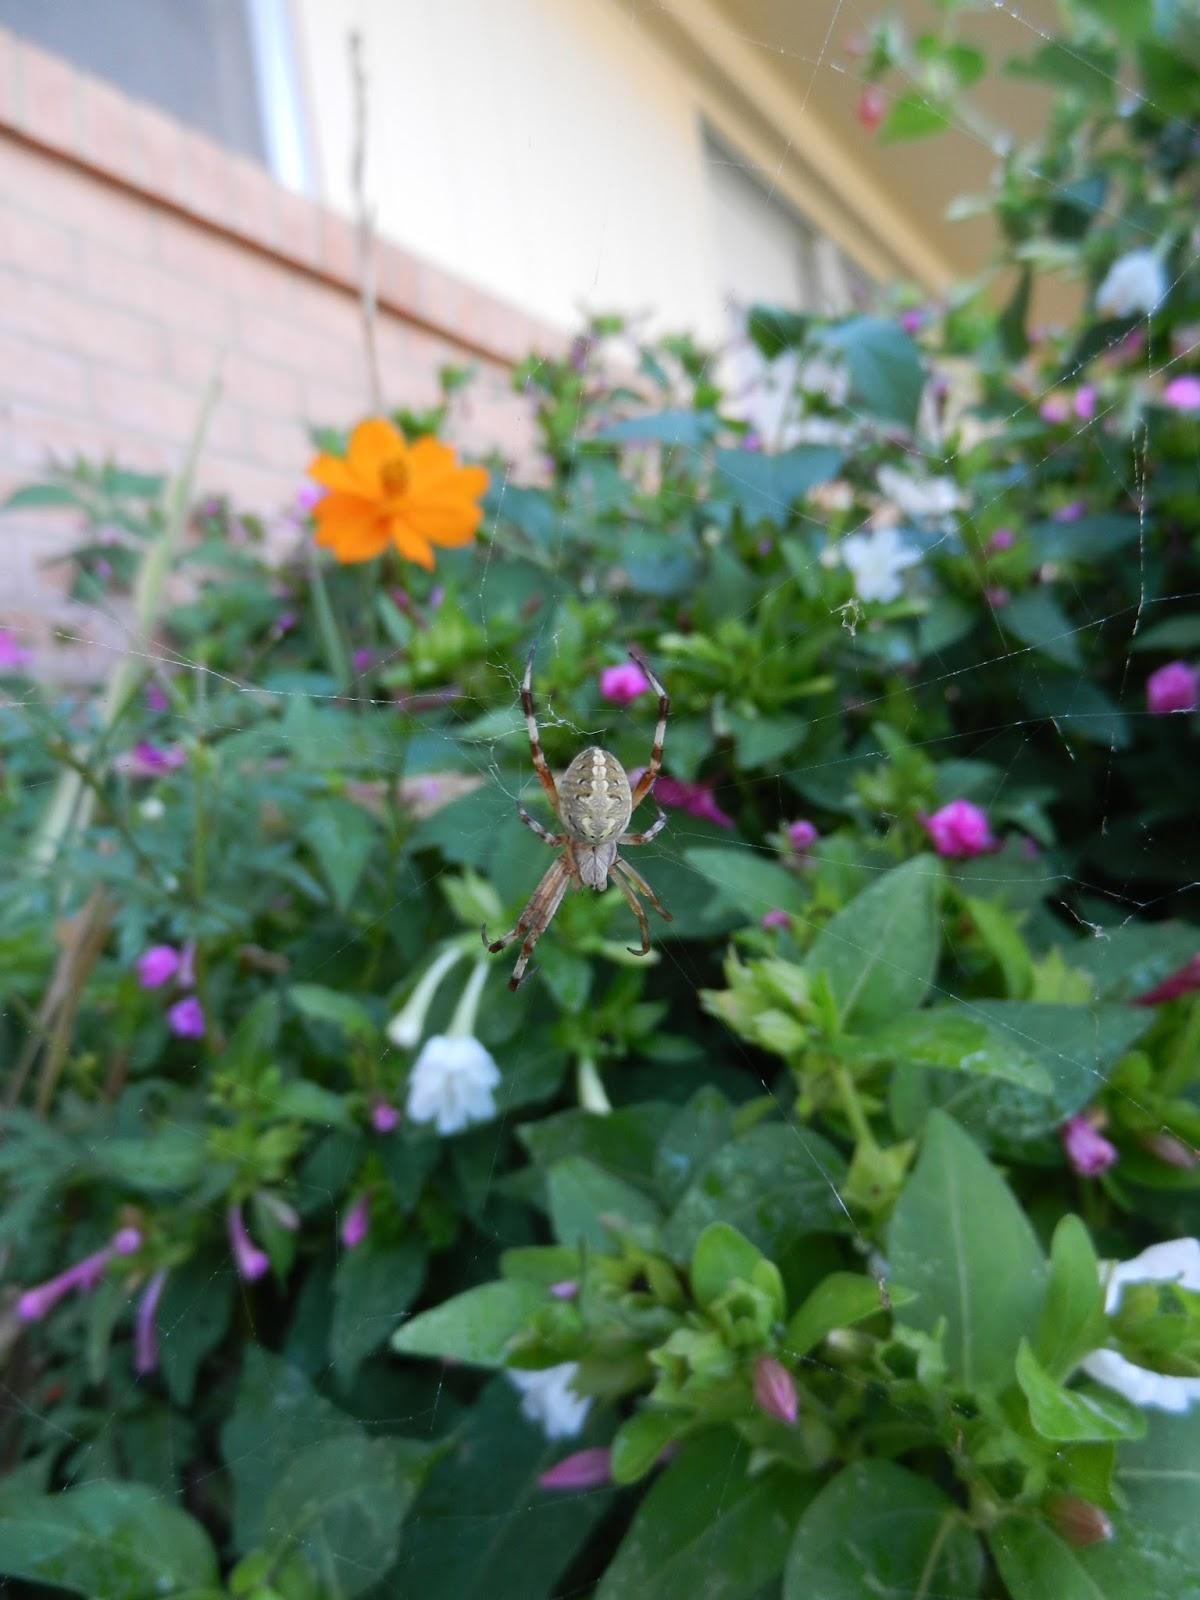 orb weaver garden spider